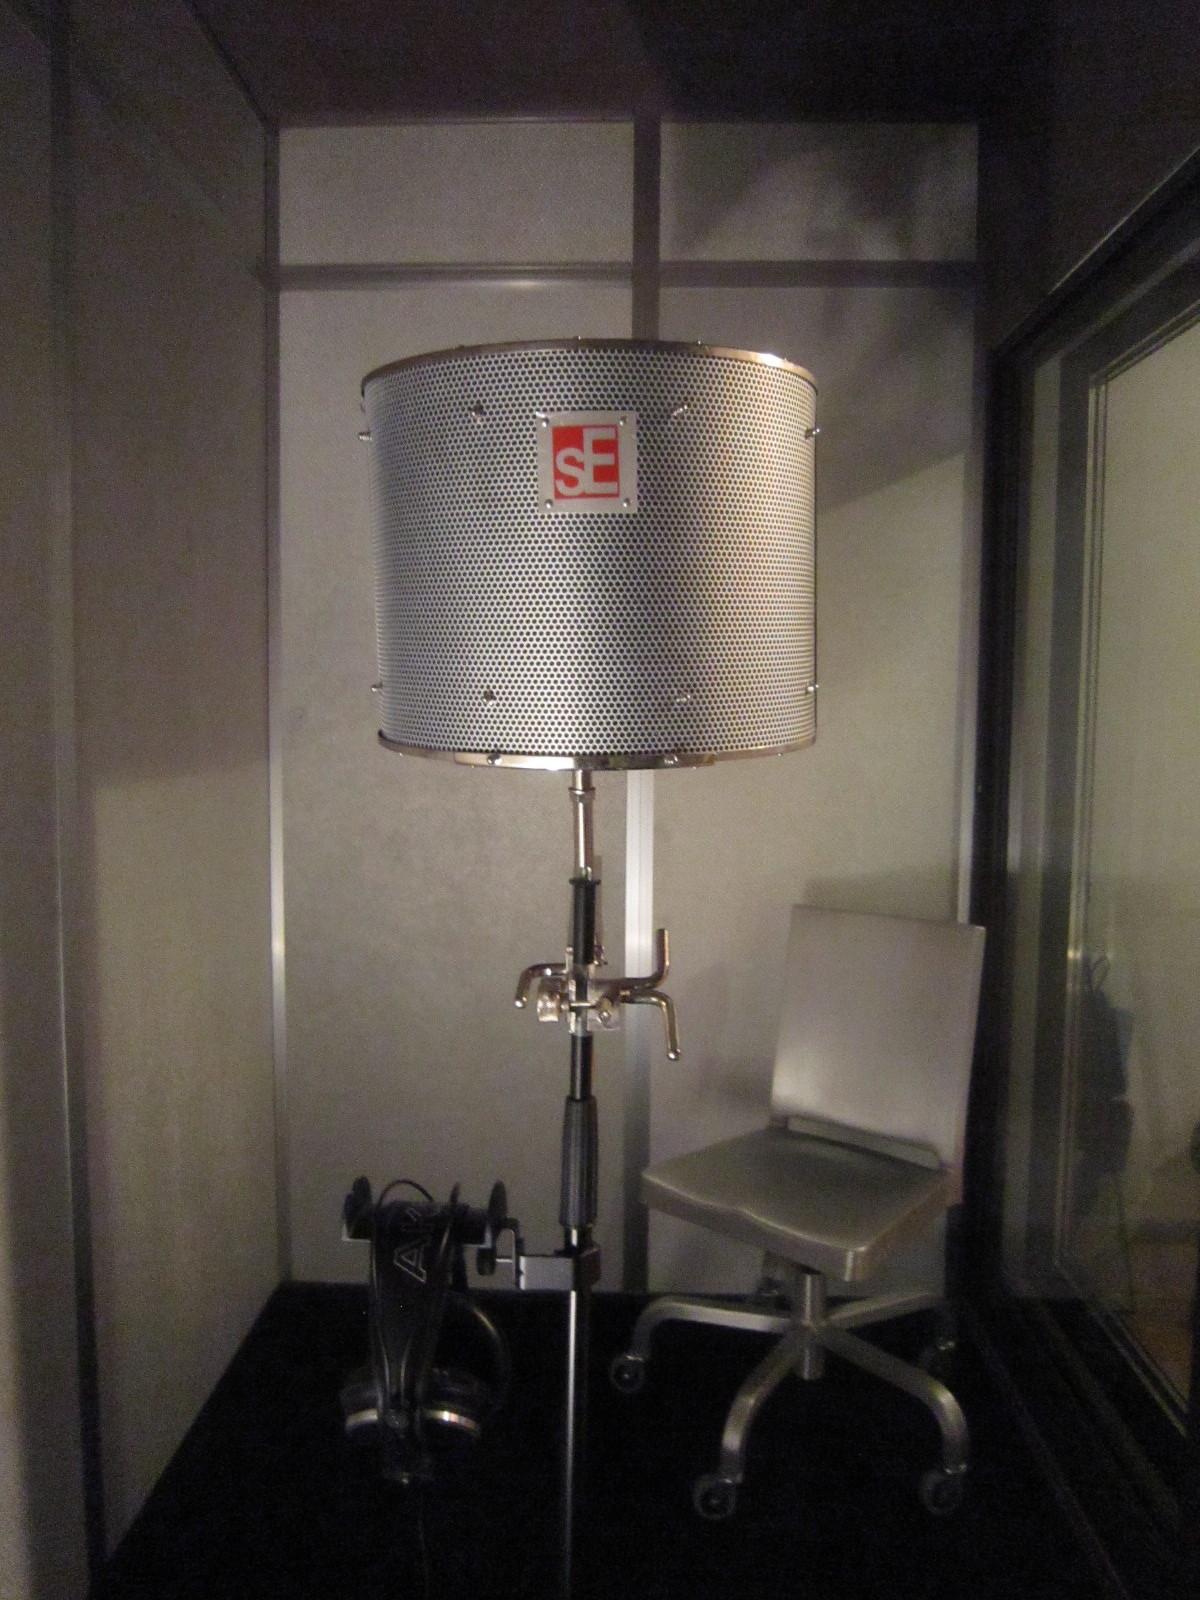 放送局やナレーション室に簡易吸音ブースを設置できます